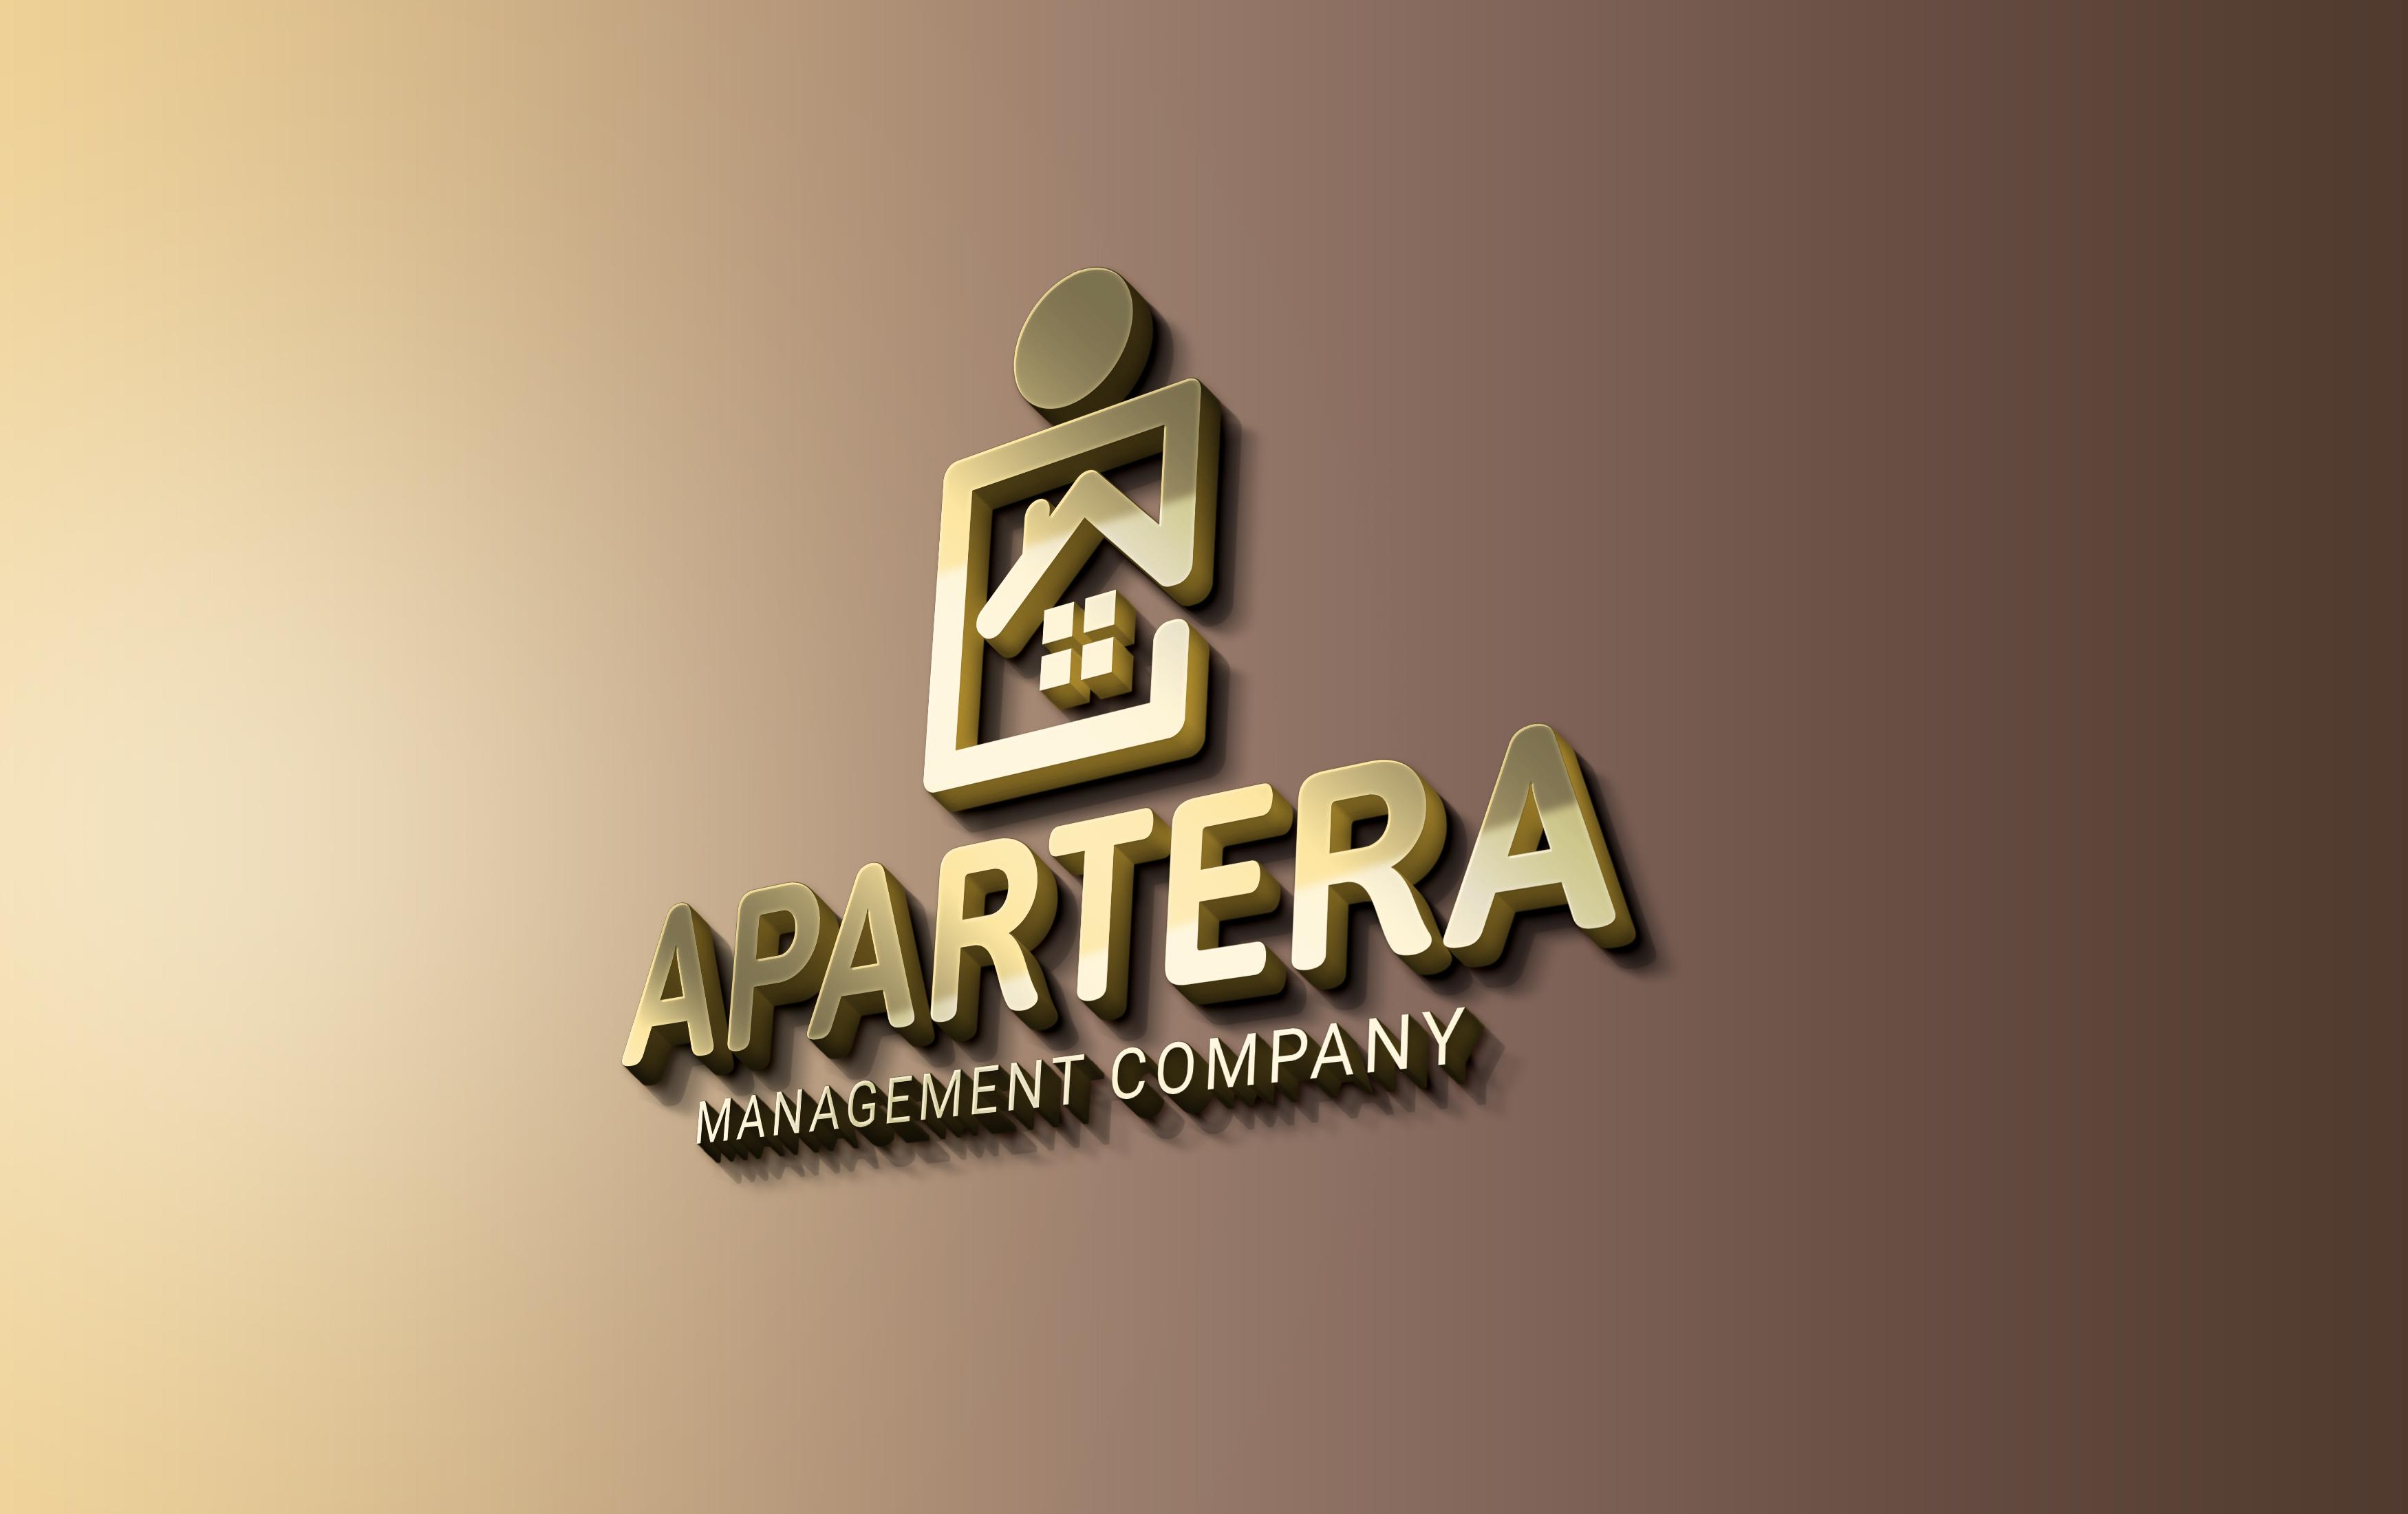 Логотип для управляющей компании  фото f_8105b7fadc9c1351.jpg